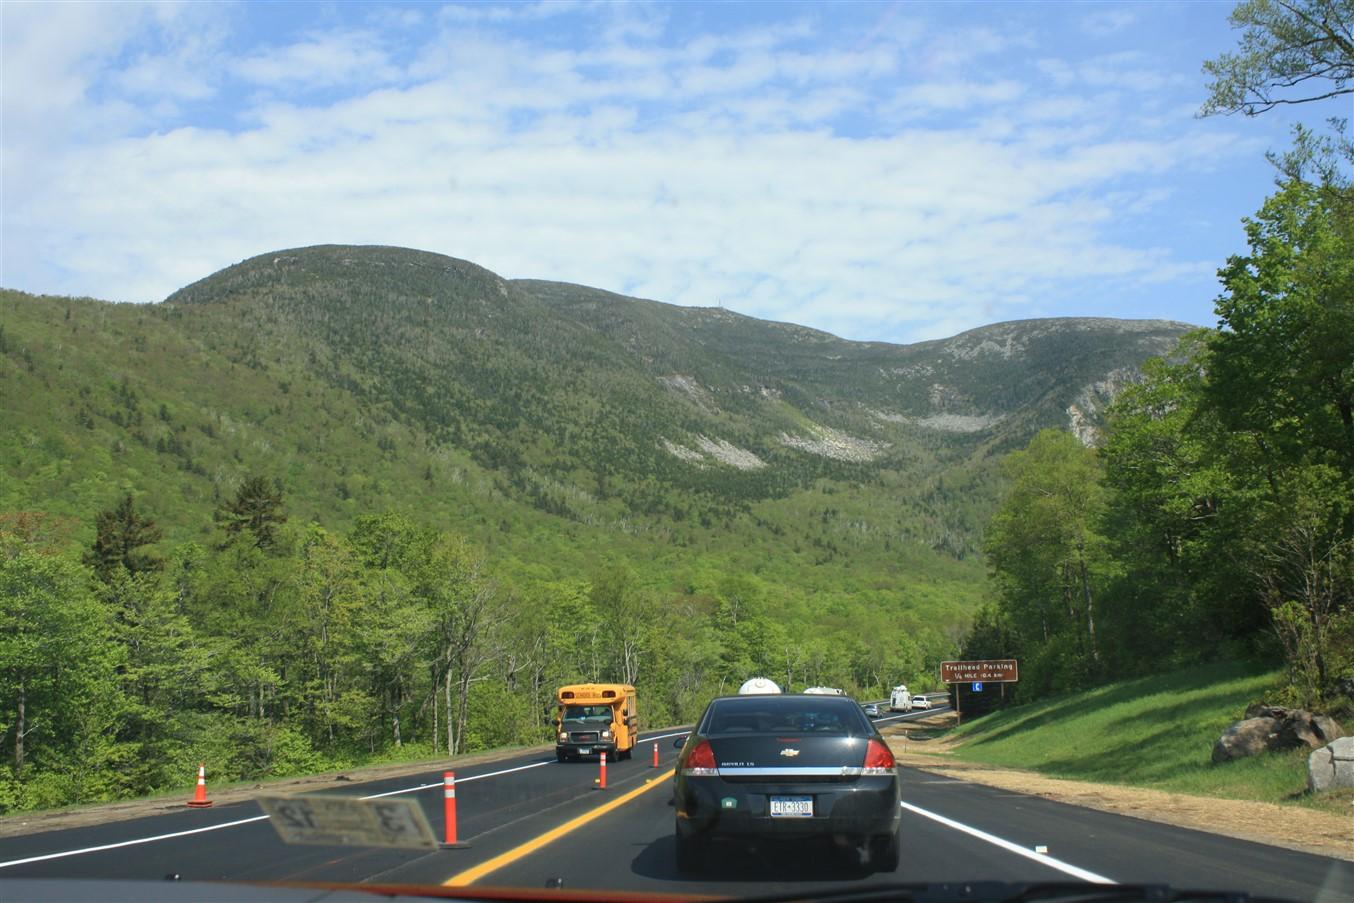 2011 05 27 Jill Road Trip Day 2 8.jpg